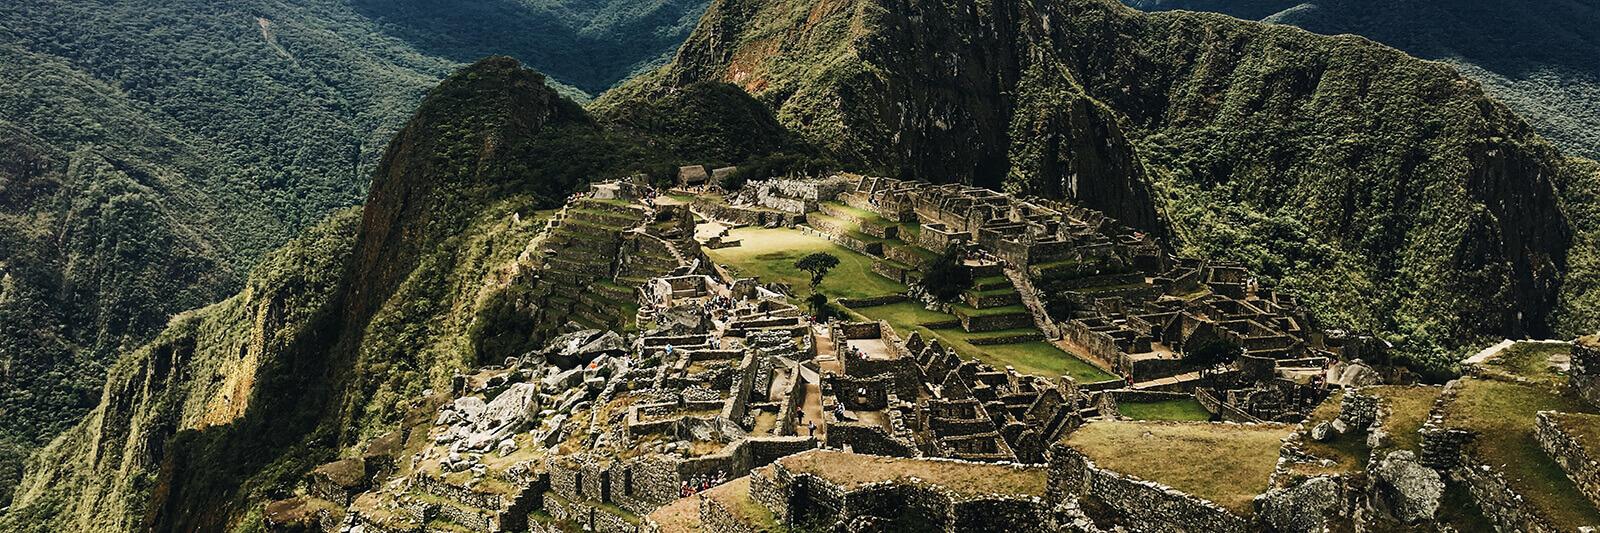 Machu Picchu, high up in the mountains of Peru